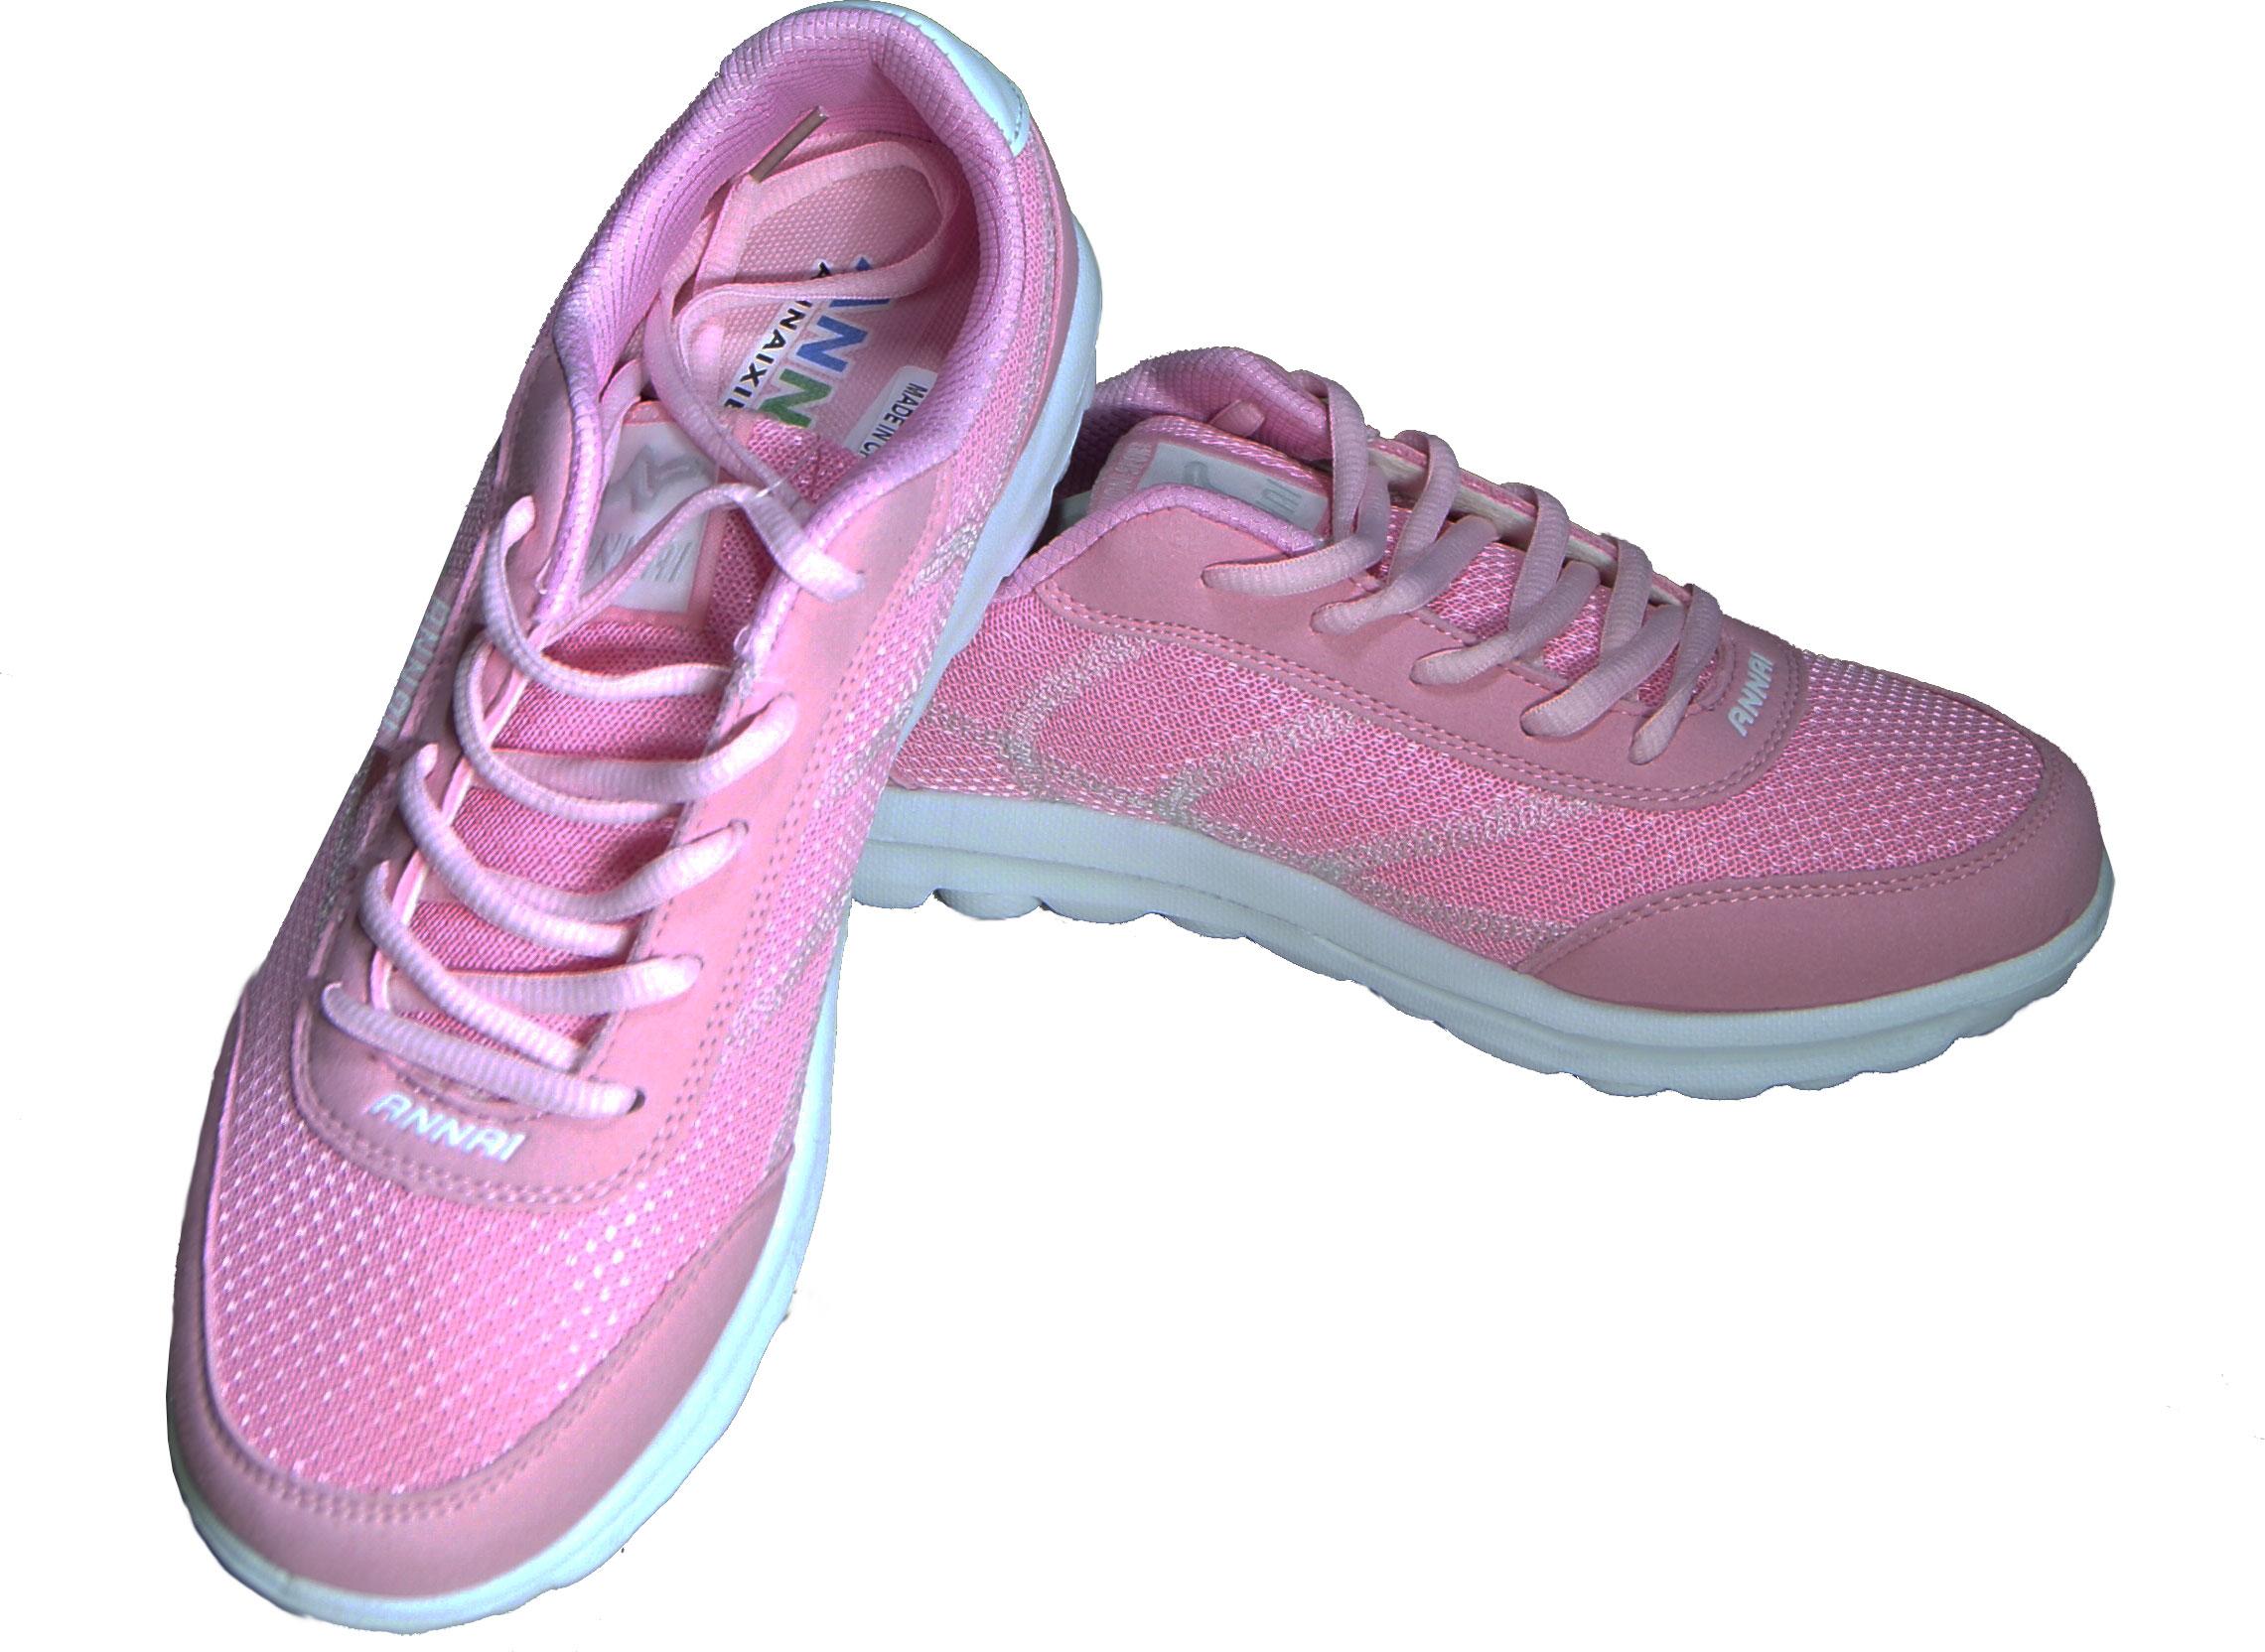 Παπούτσια αθλητικά γυναικεία Νο 8650 - Ροζ